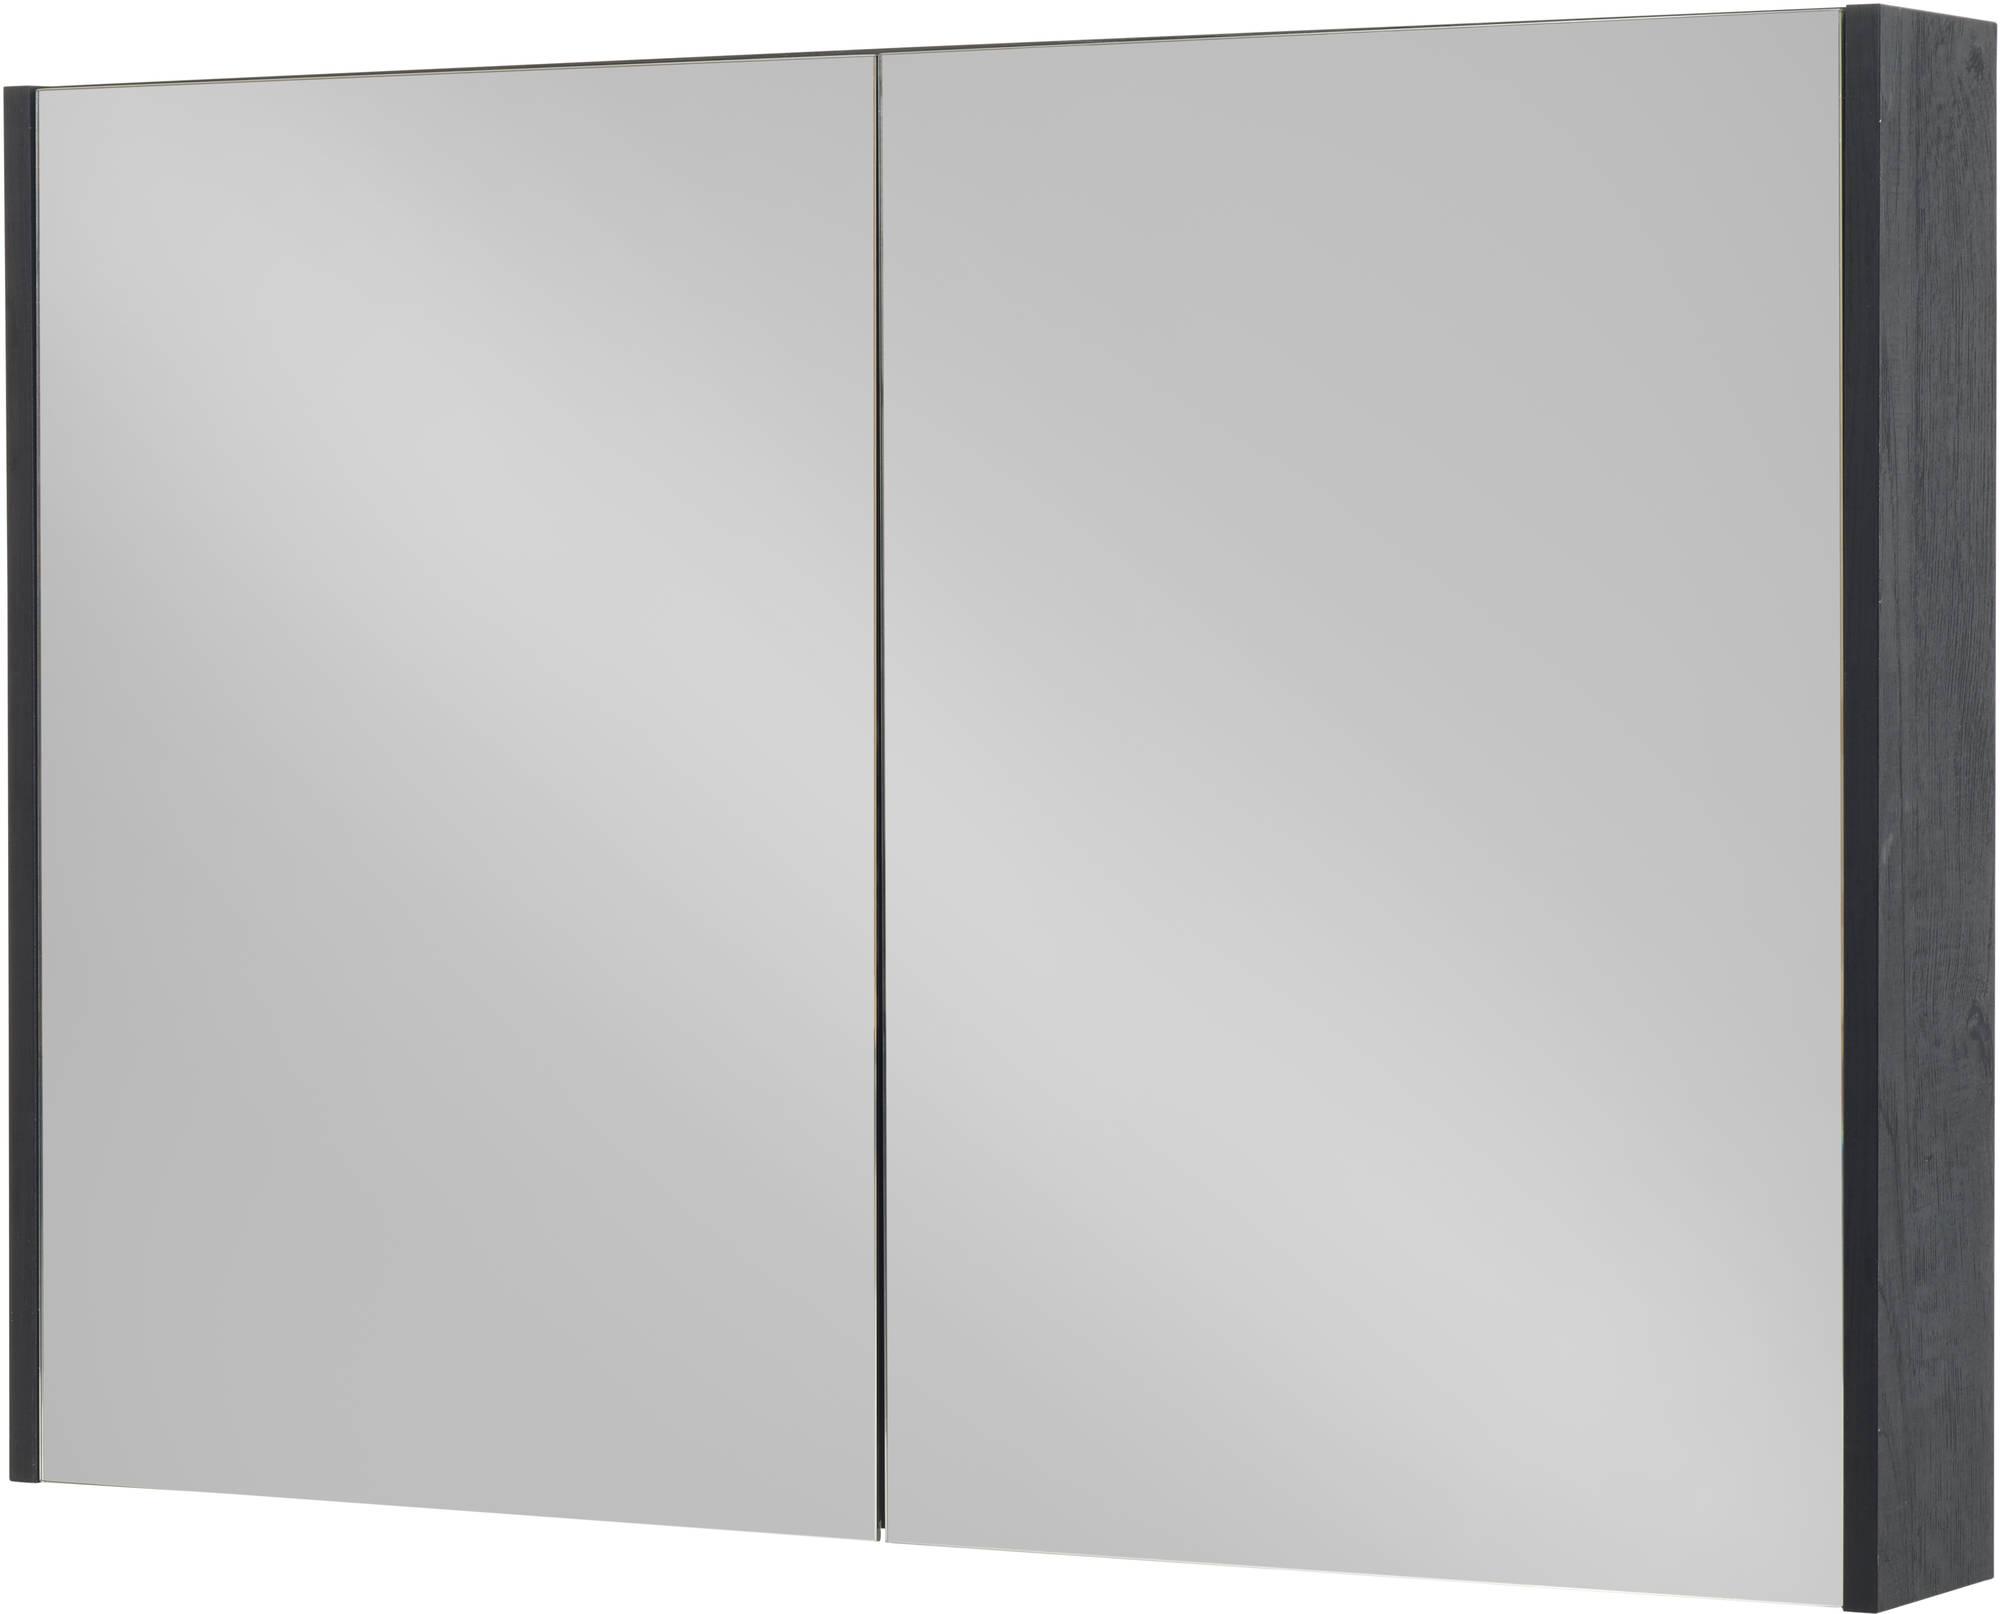 Saniselect Socan Spiegelkast 100x14x70 cm Eiken Zwart